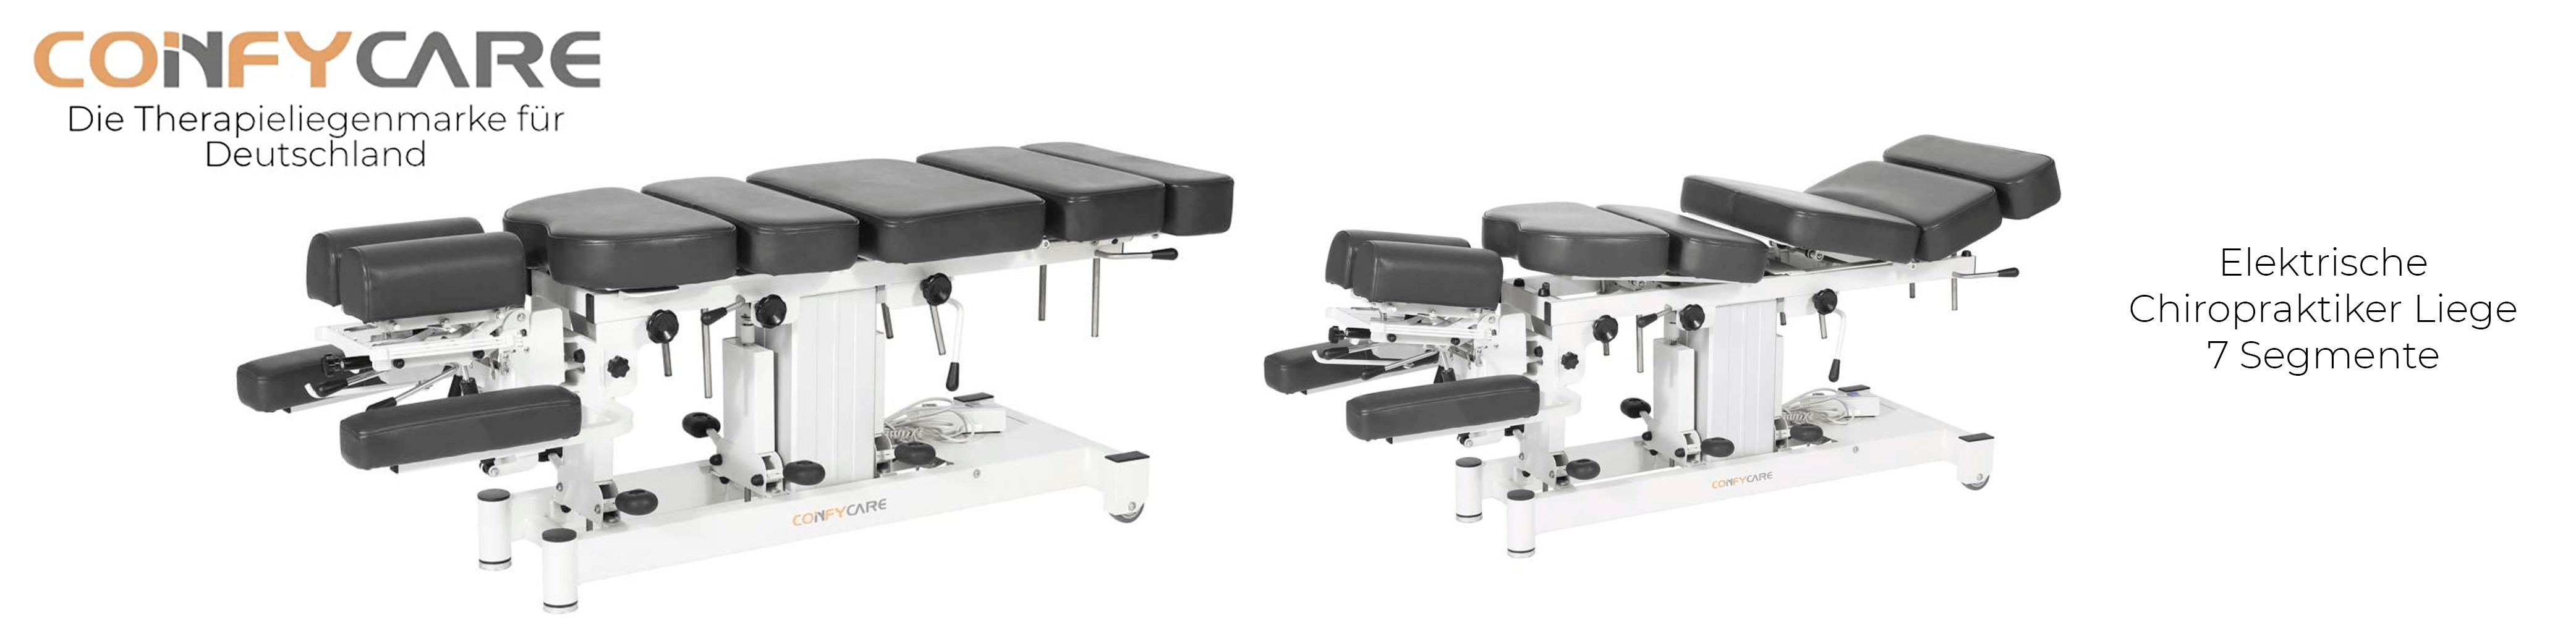 chiropraktiker-bild-min